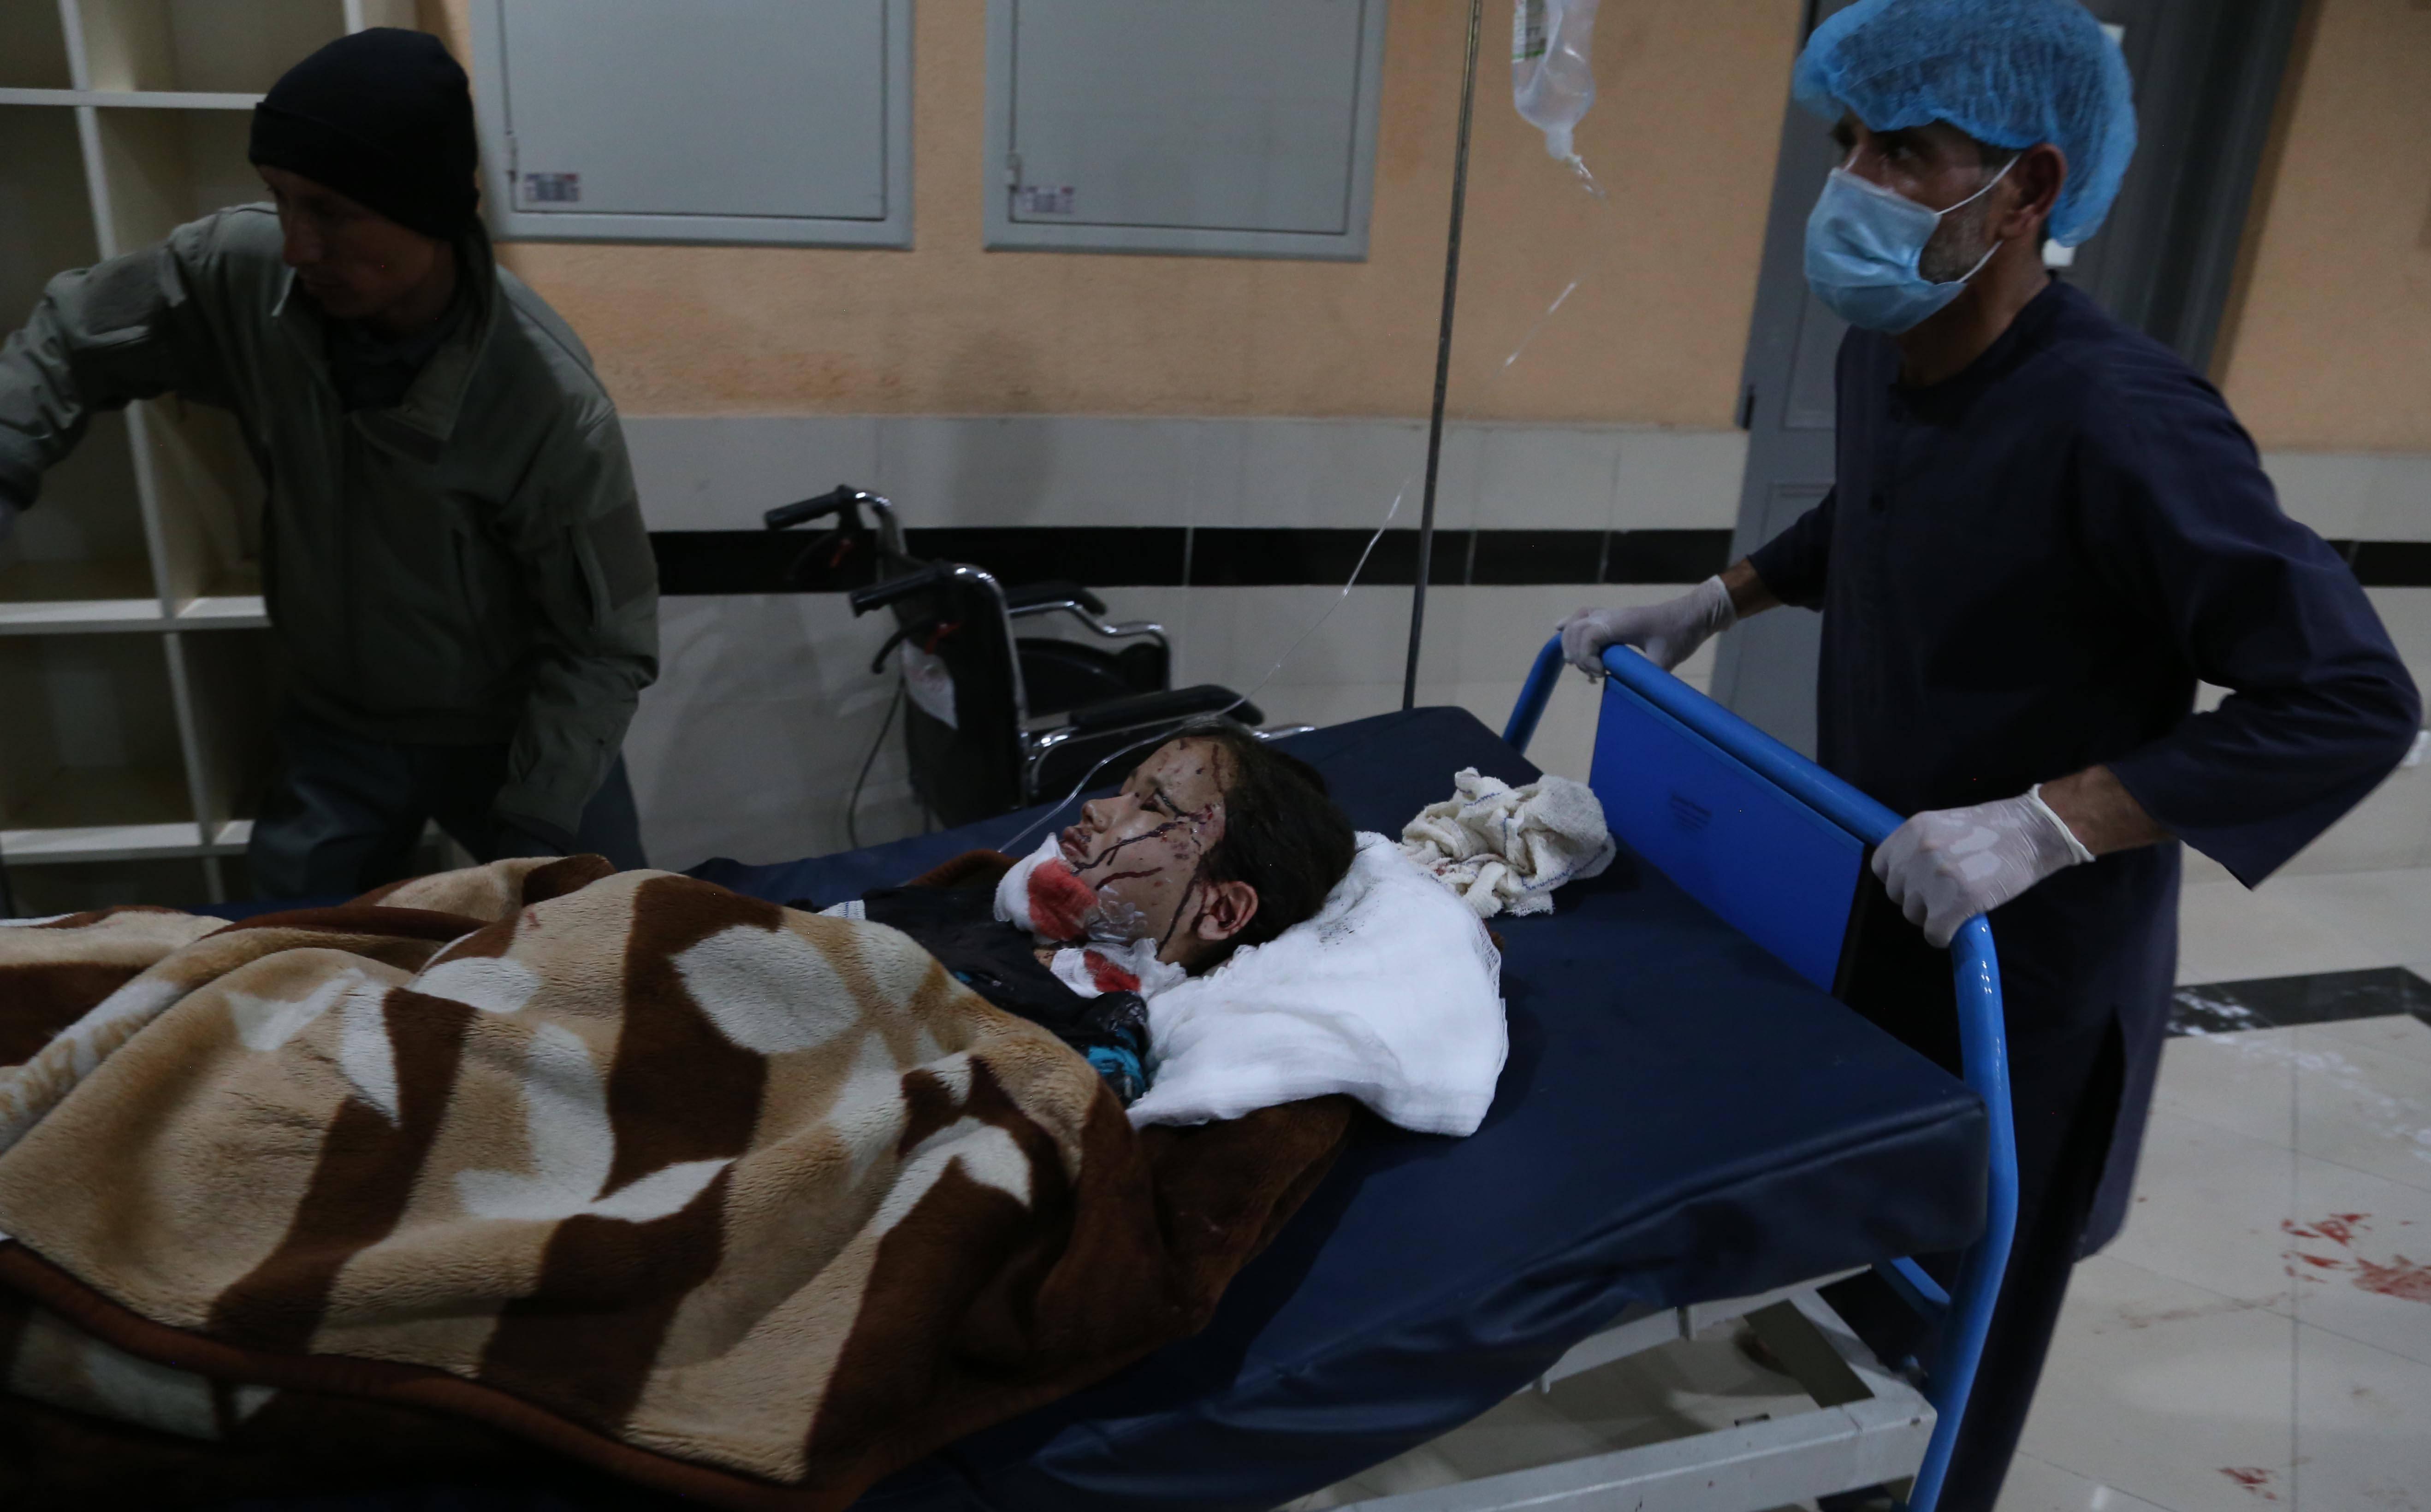 阿富汗首都一学校附近发生连环爆炸致27人死亡